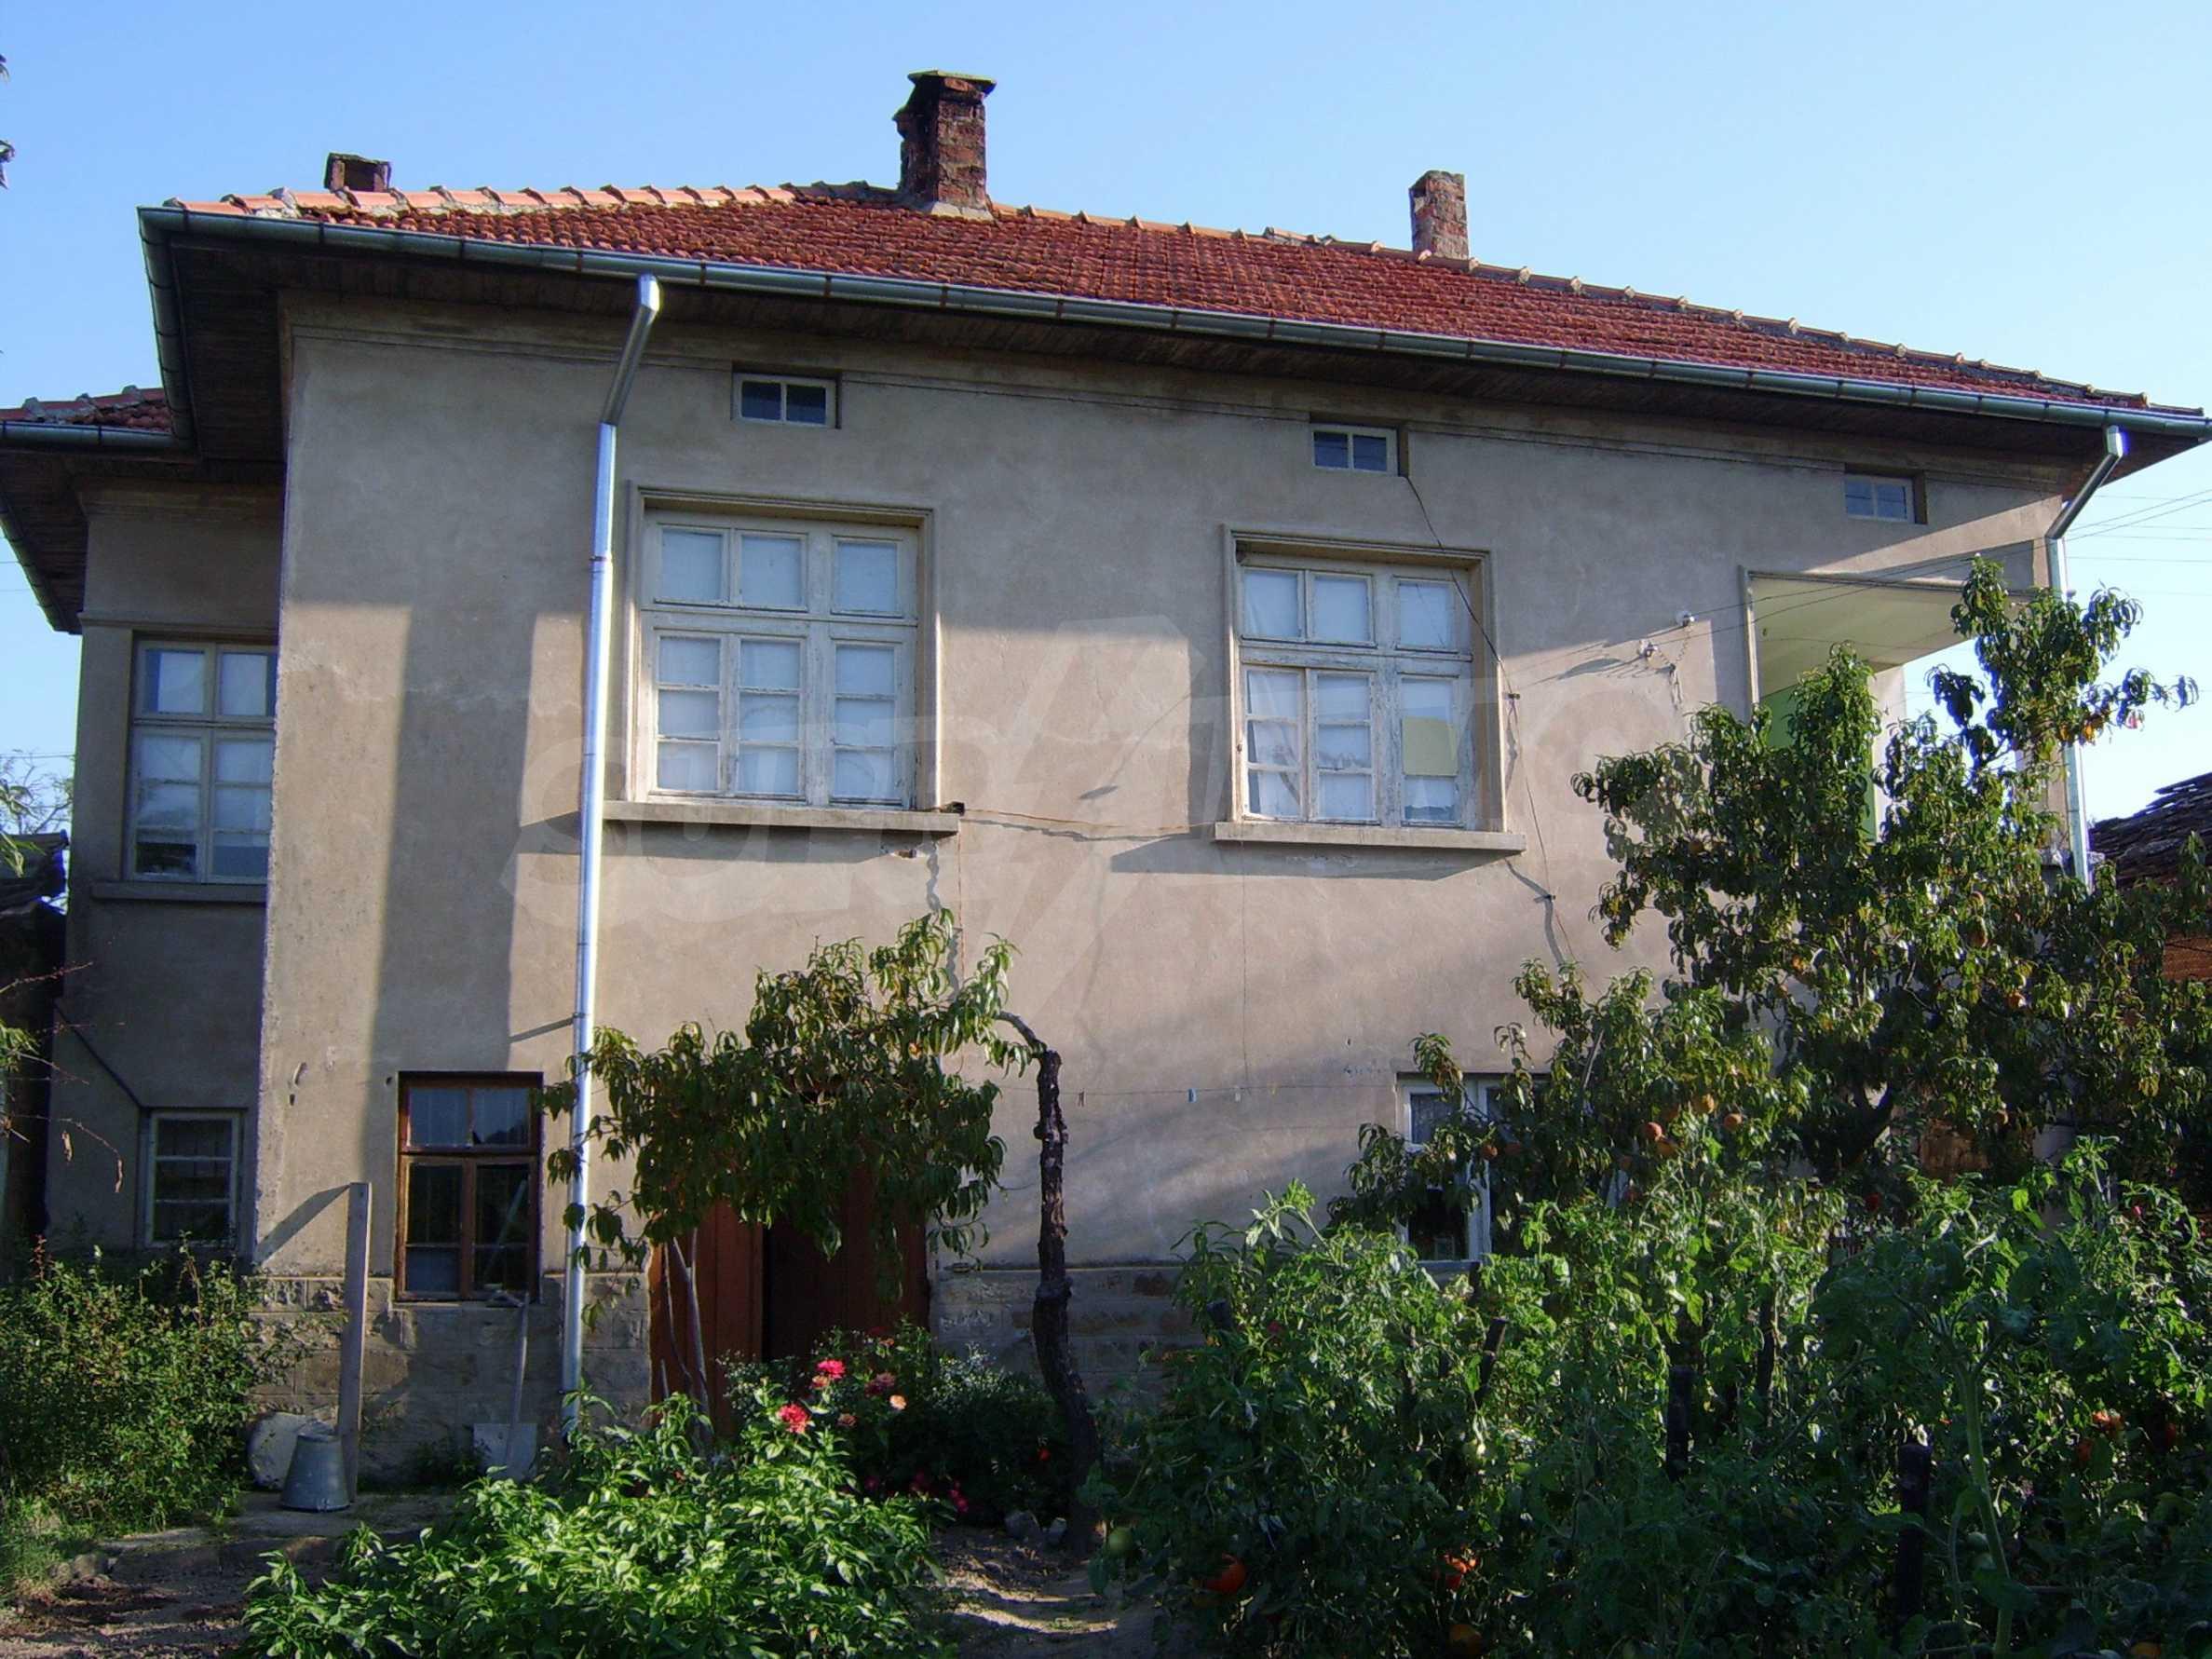 Großes zweistöckiges Haus auf dem Balkan 1